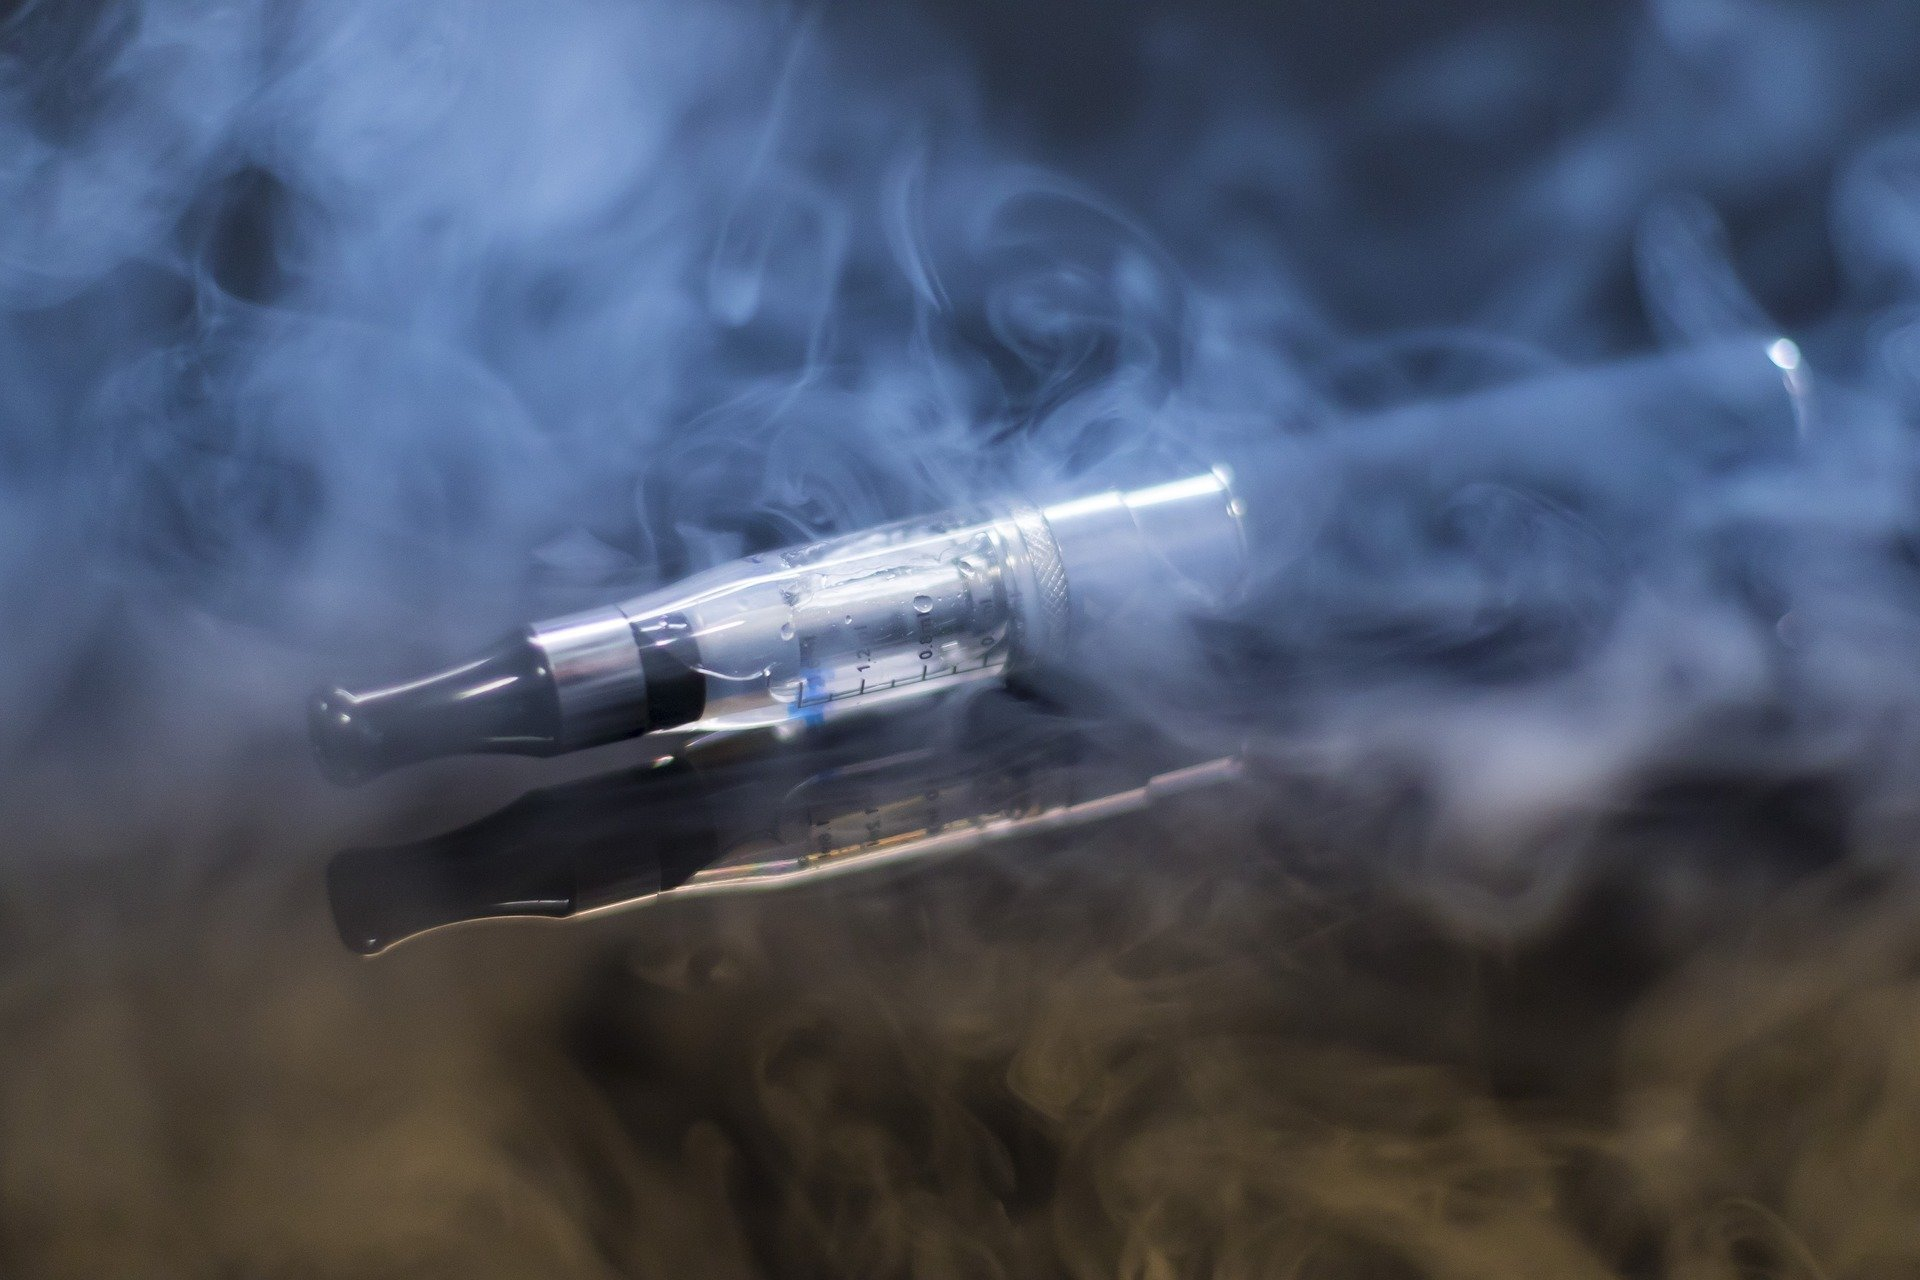 Gemeinsame e-Zigarette Chemische Aromastoffe beeinträchtigt die Lungenfunktion